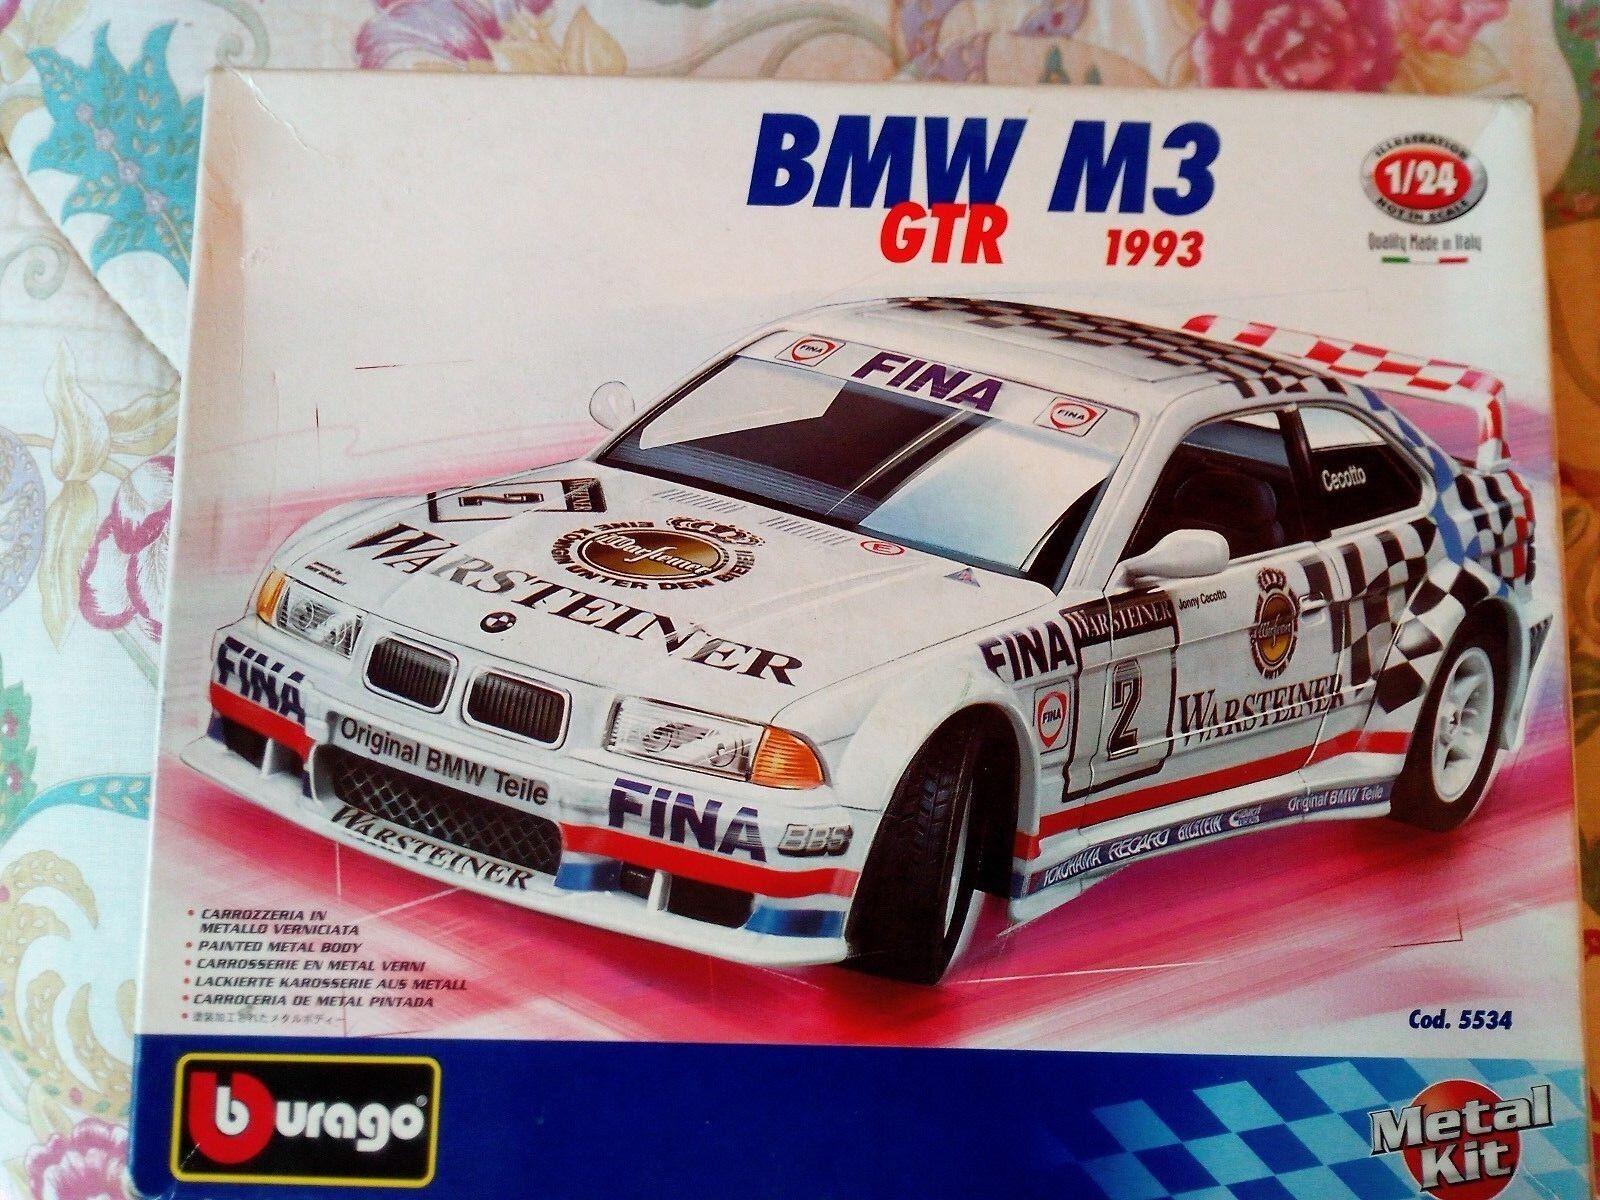 RARO BMW M3 GTR 1993 1993 1993 BBURAGO KIT MODELLO DA MONTARE SCALA 1 24 NUOVO COD. 5534 b86d2f